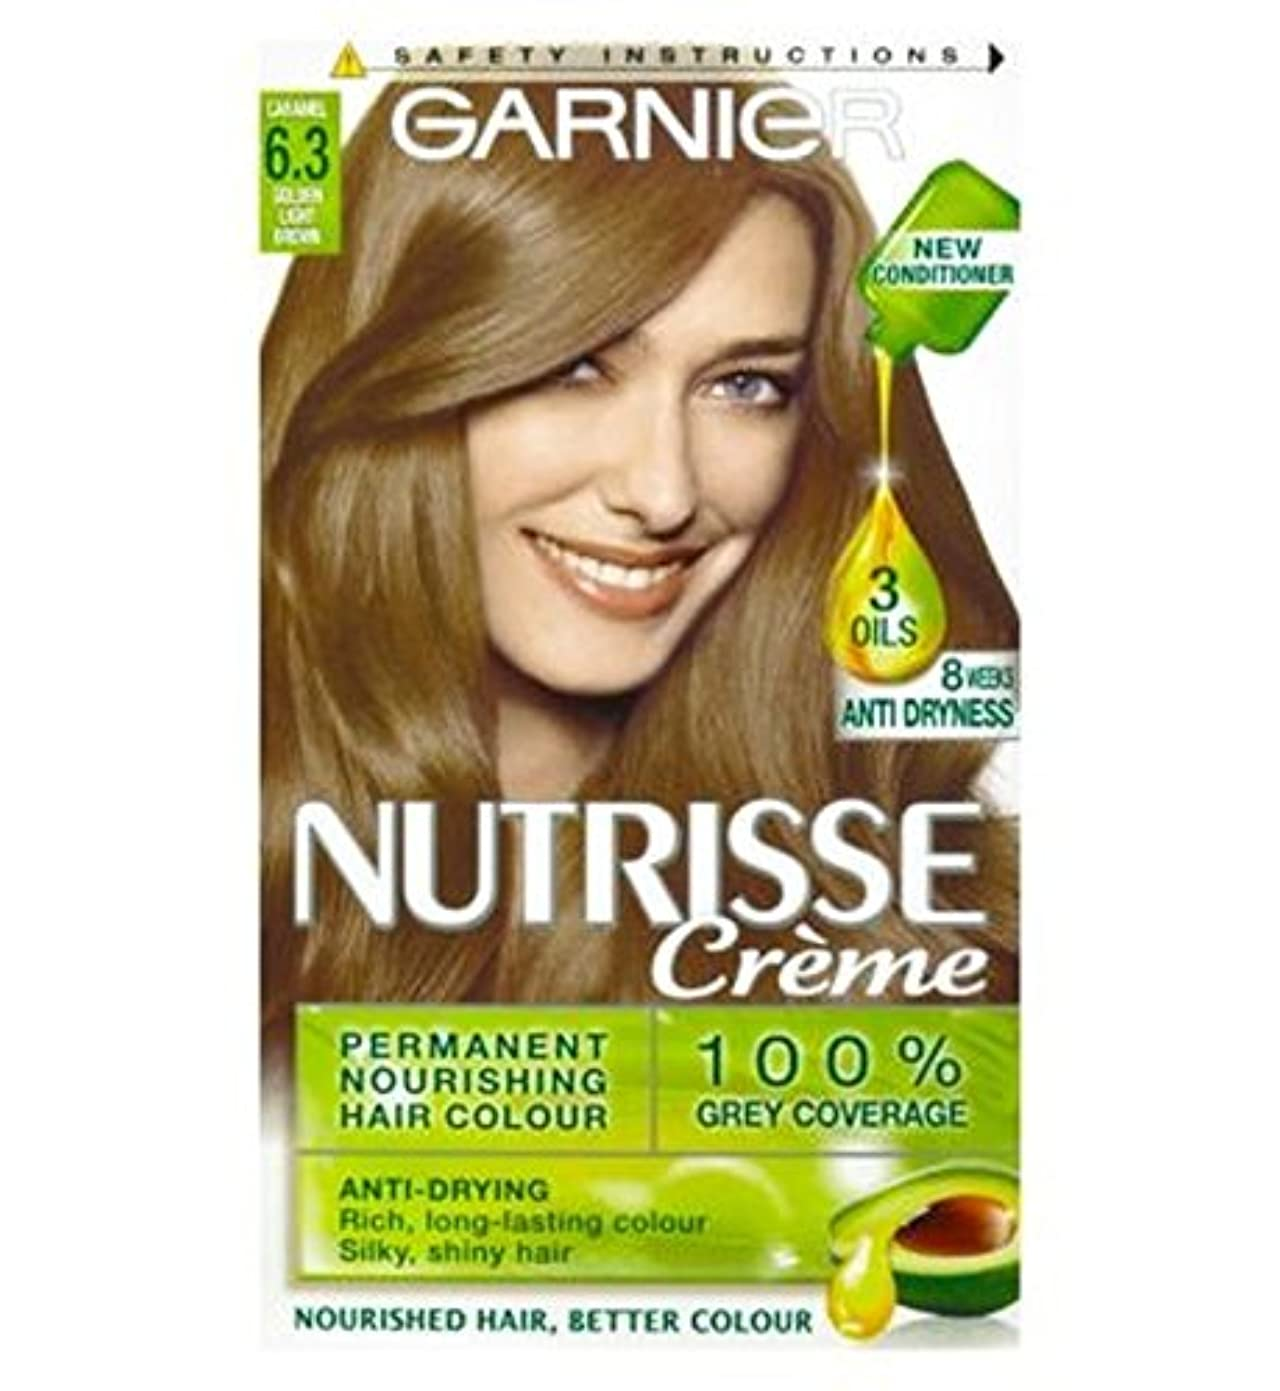 山積みのドロー限られたガルニエNutrisseクリームパーマネントヘアカラー6.3キャラメルライトブラウン (Garnier) (x2) - Garnier Nutrisse Cr?me Permanent Hair Colour 6.3 Caramel Light Brown (Pack of 2) [並行輸入品]